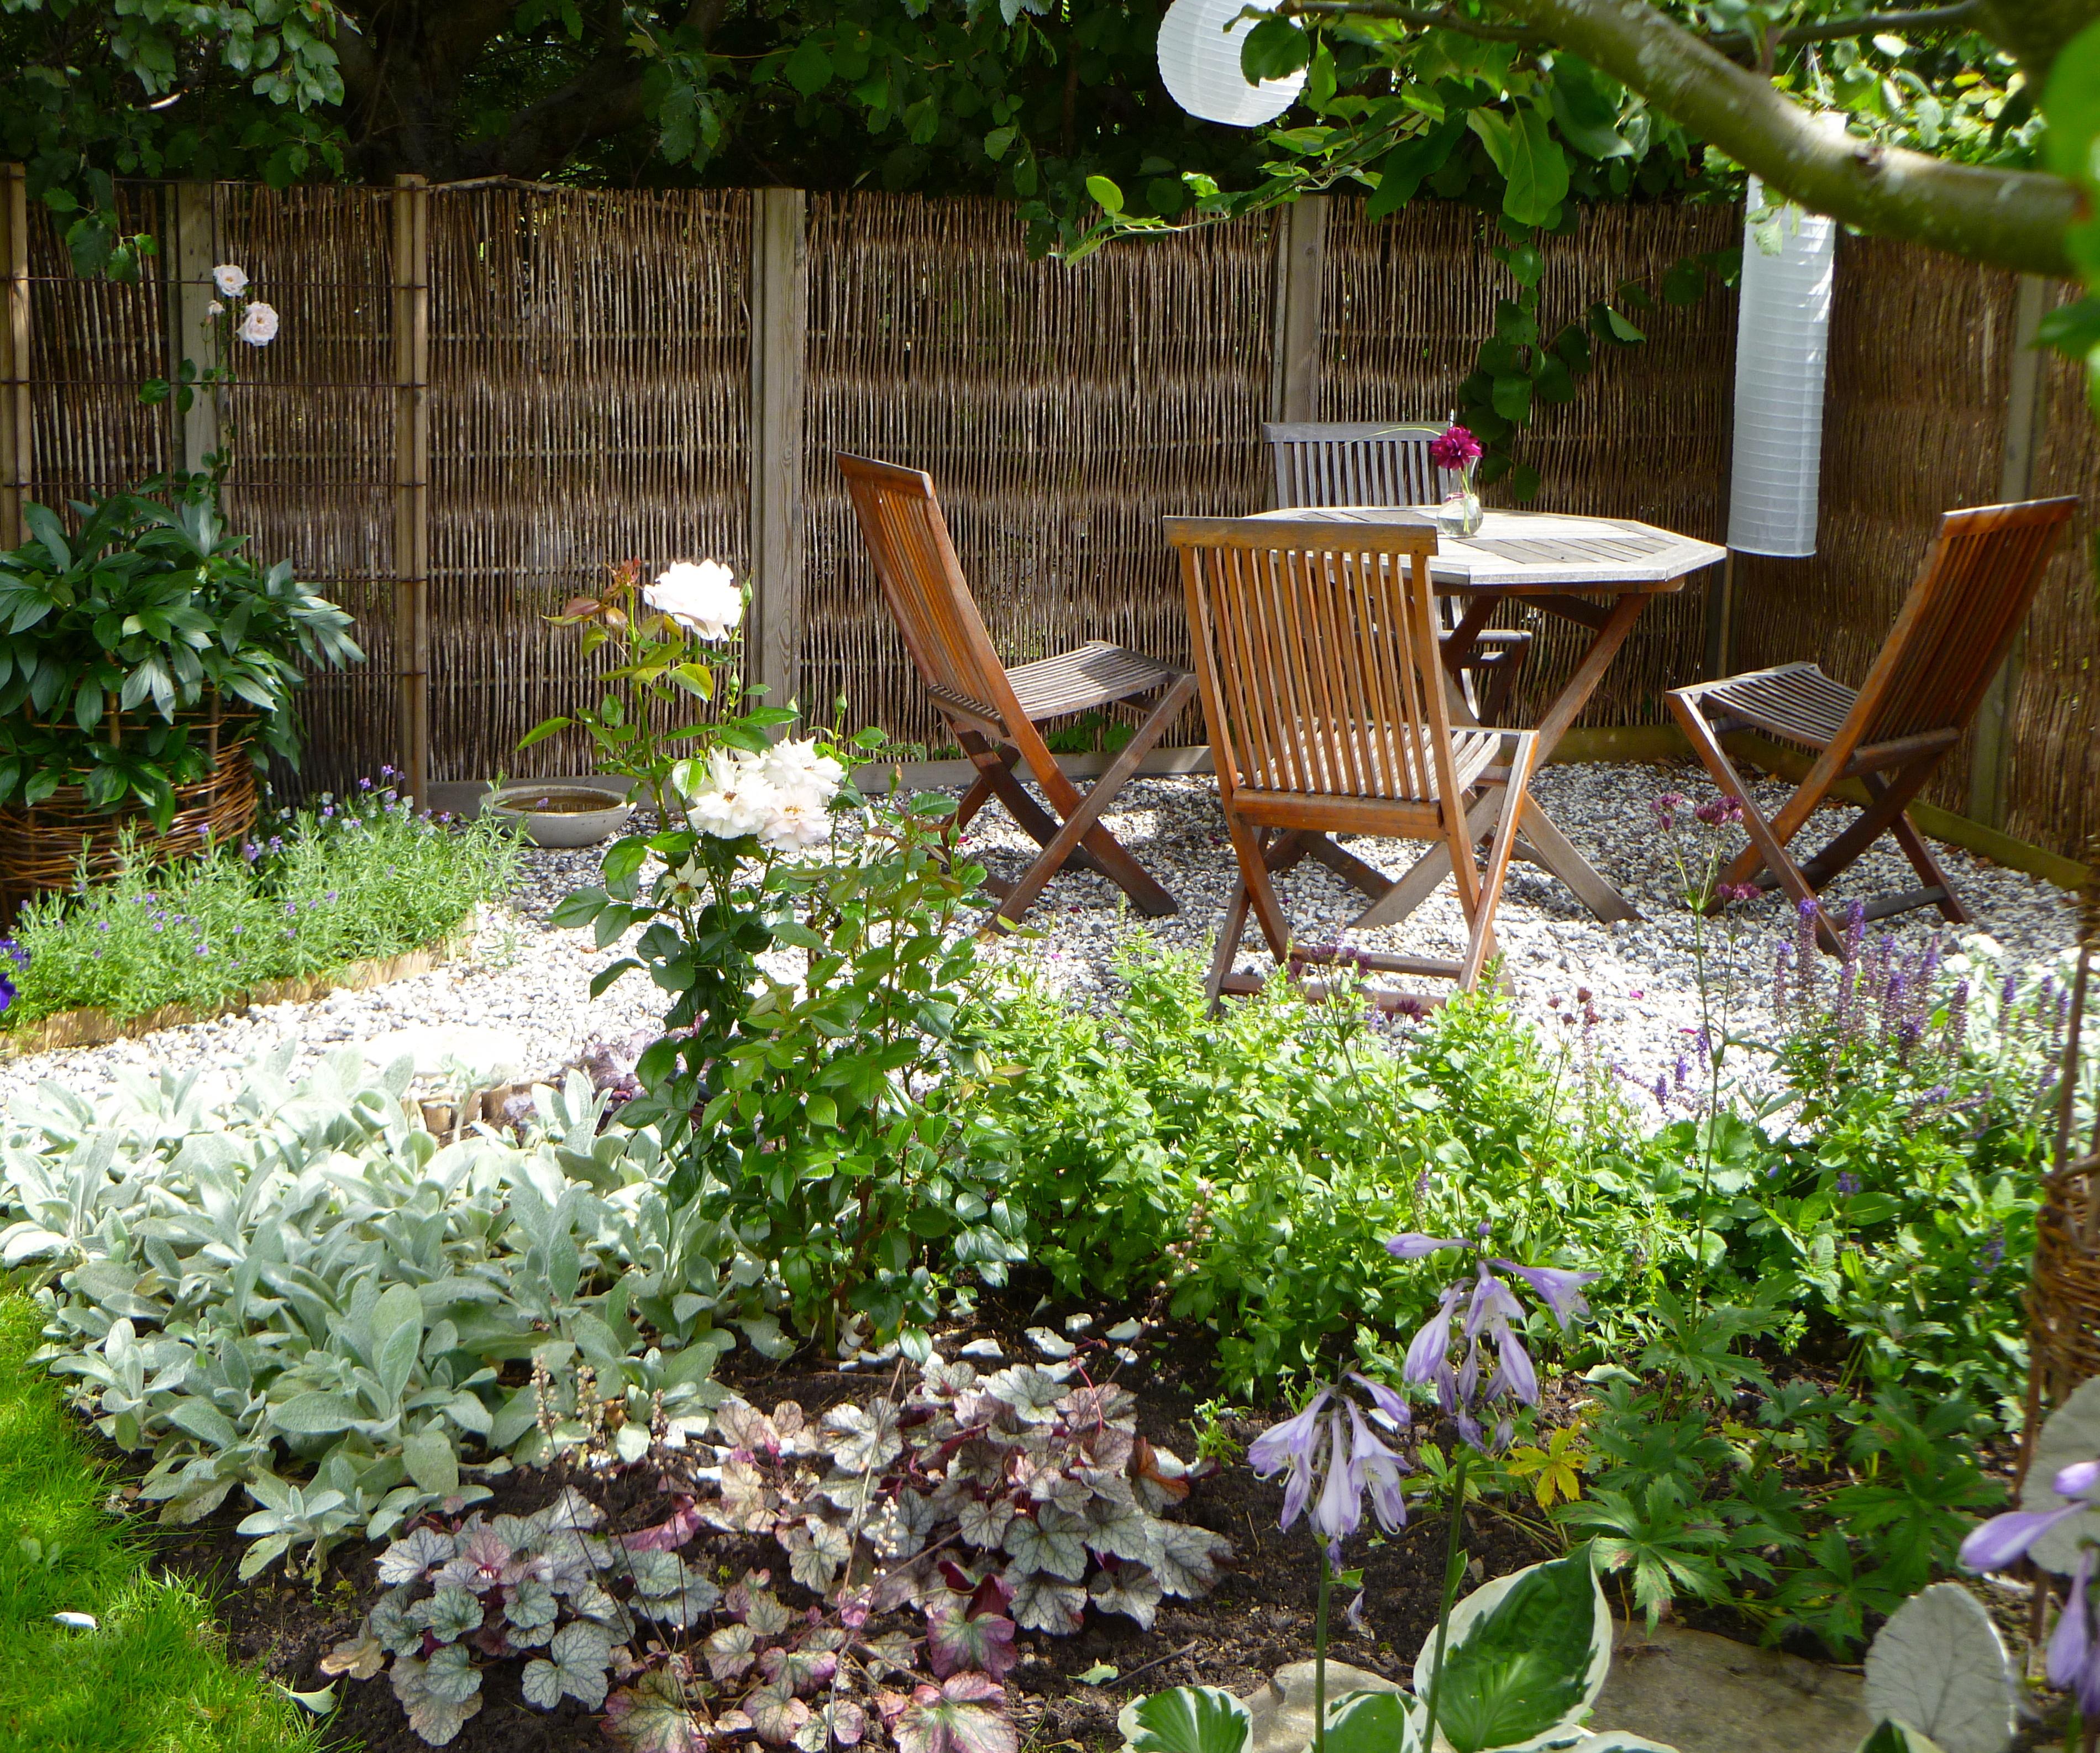 Vi har ytterligare en uteplats i ena hörnet av trädgården. Det är ...